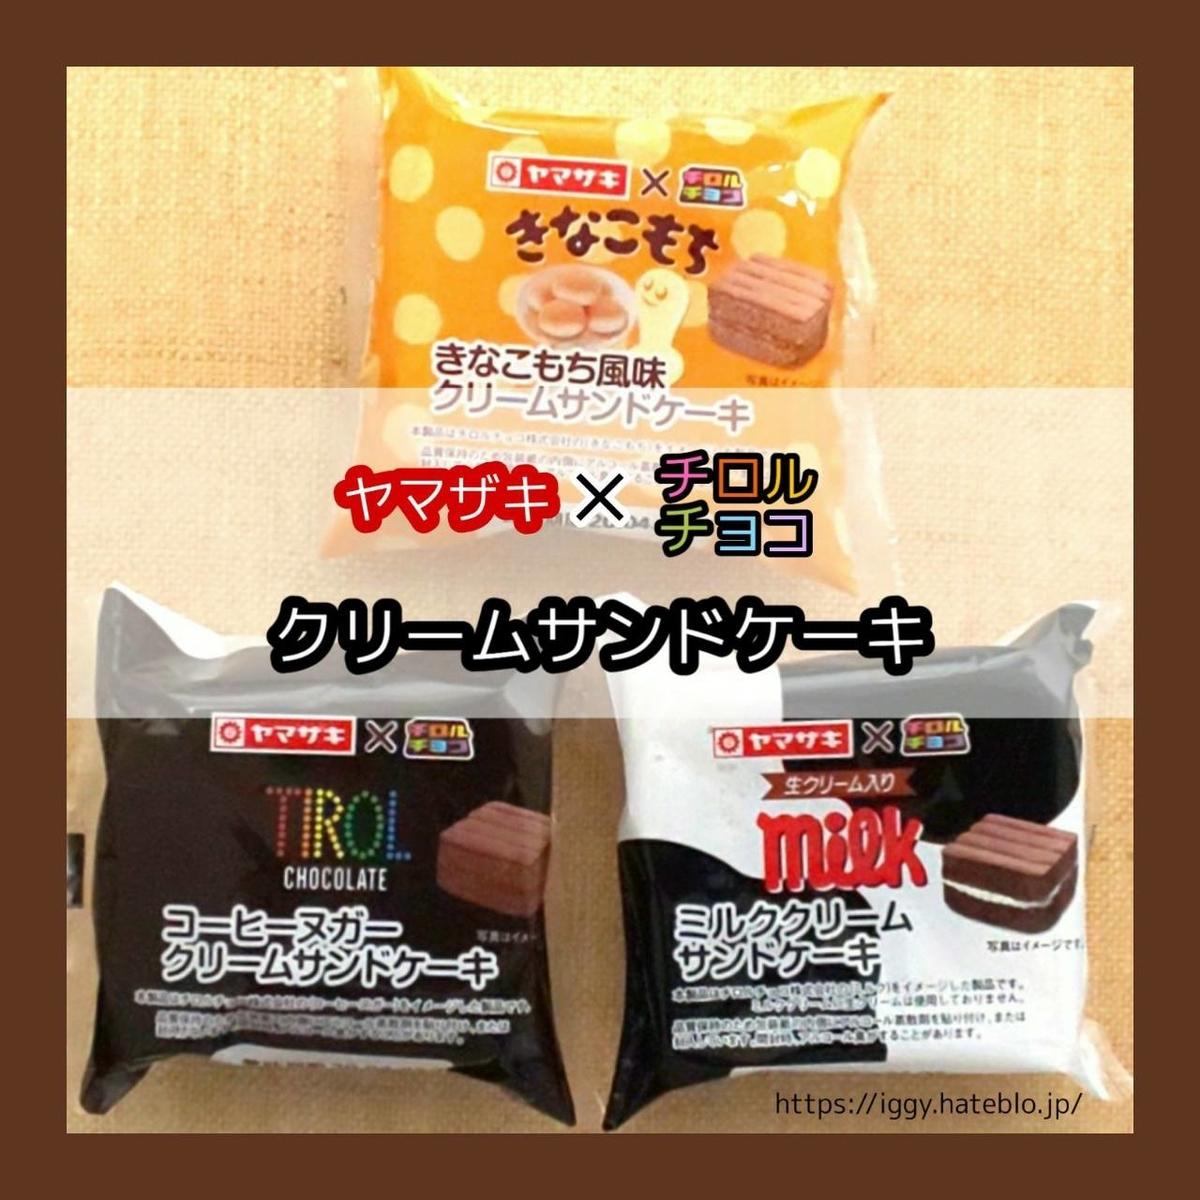 「ヤマザキ × チロルチョコ」クリームサンドケーキ3種類 iggy2019